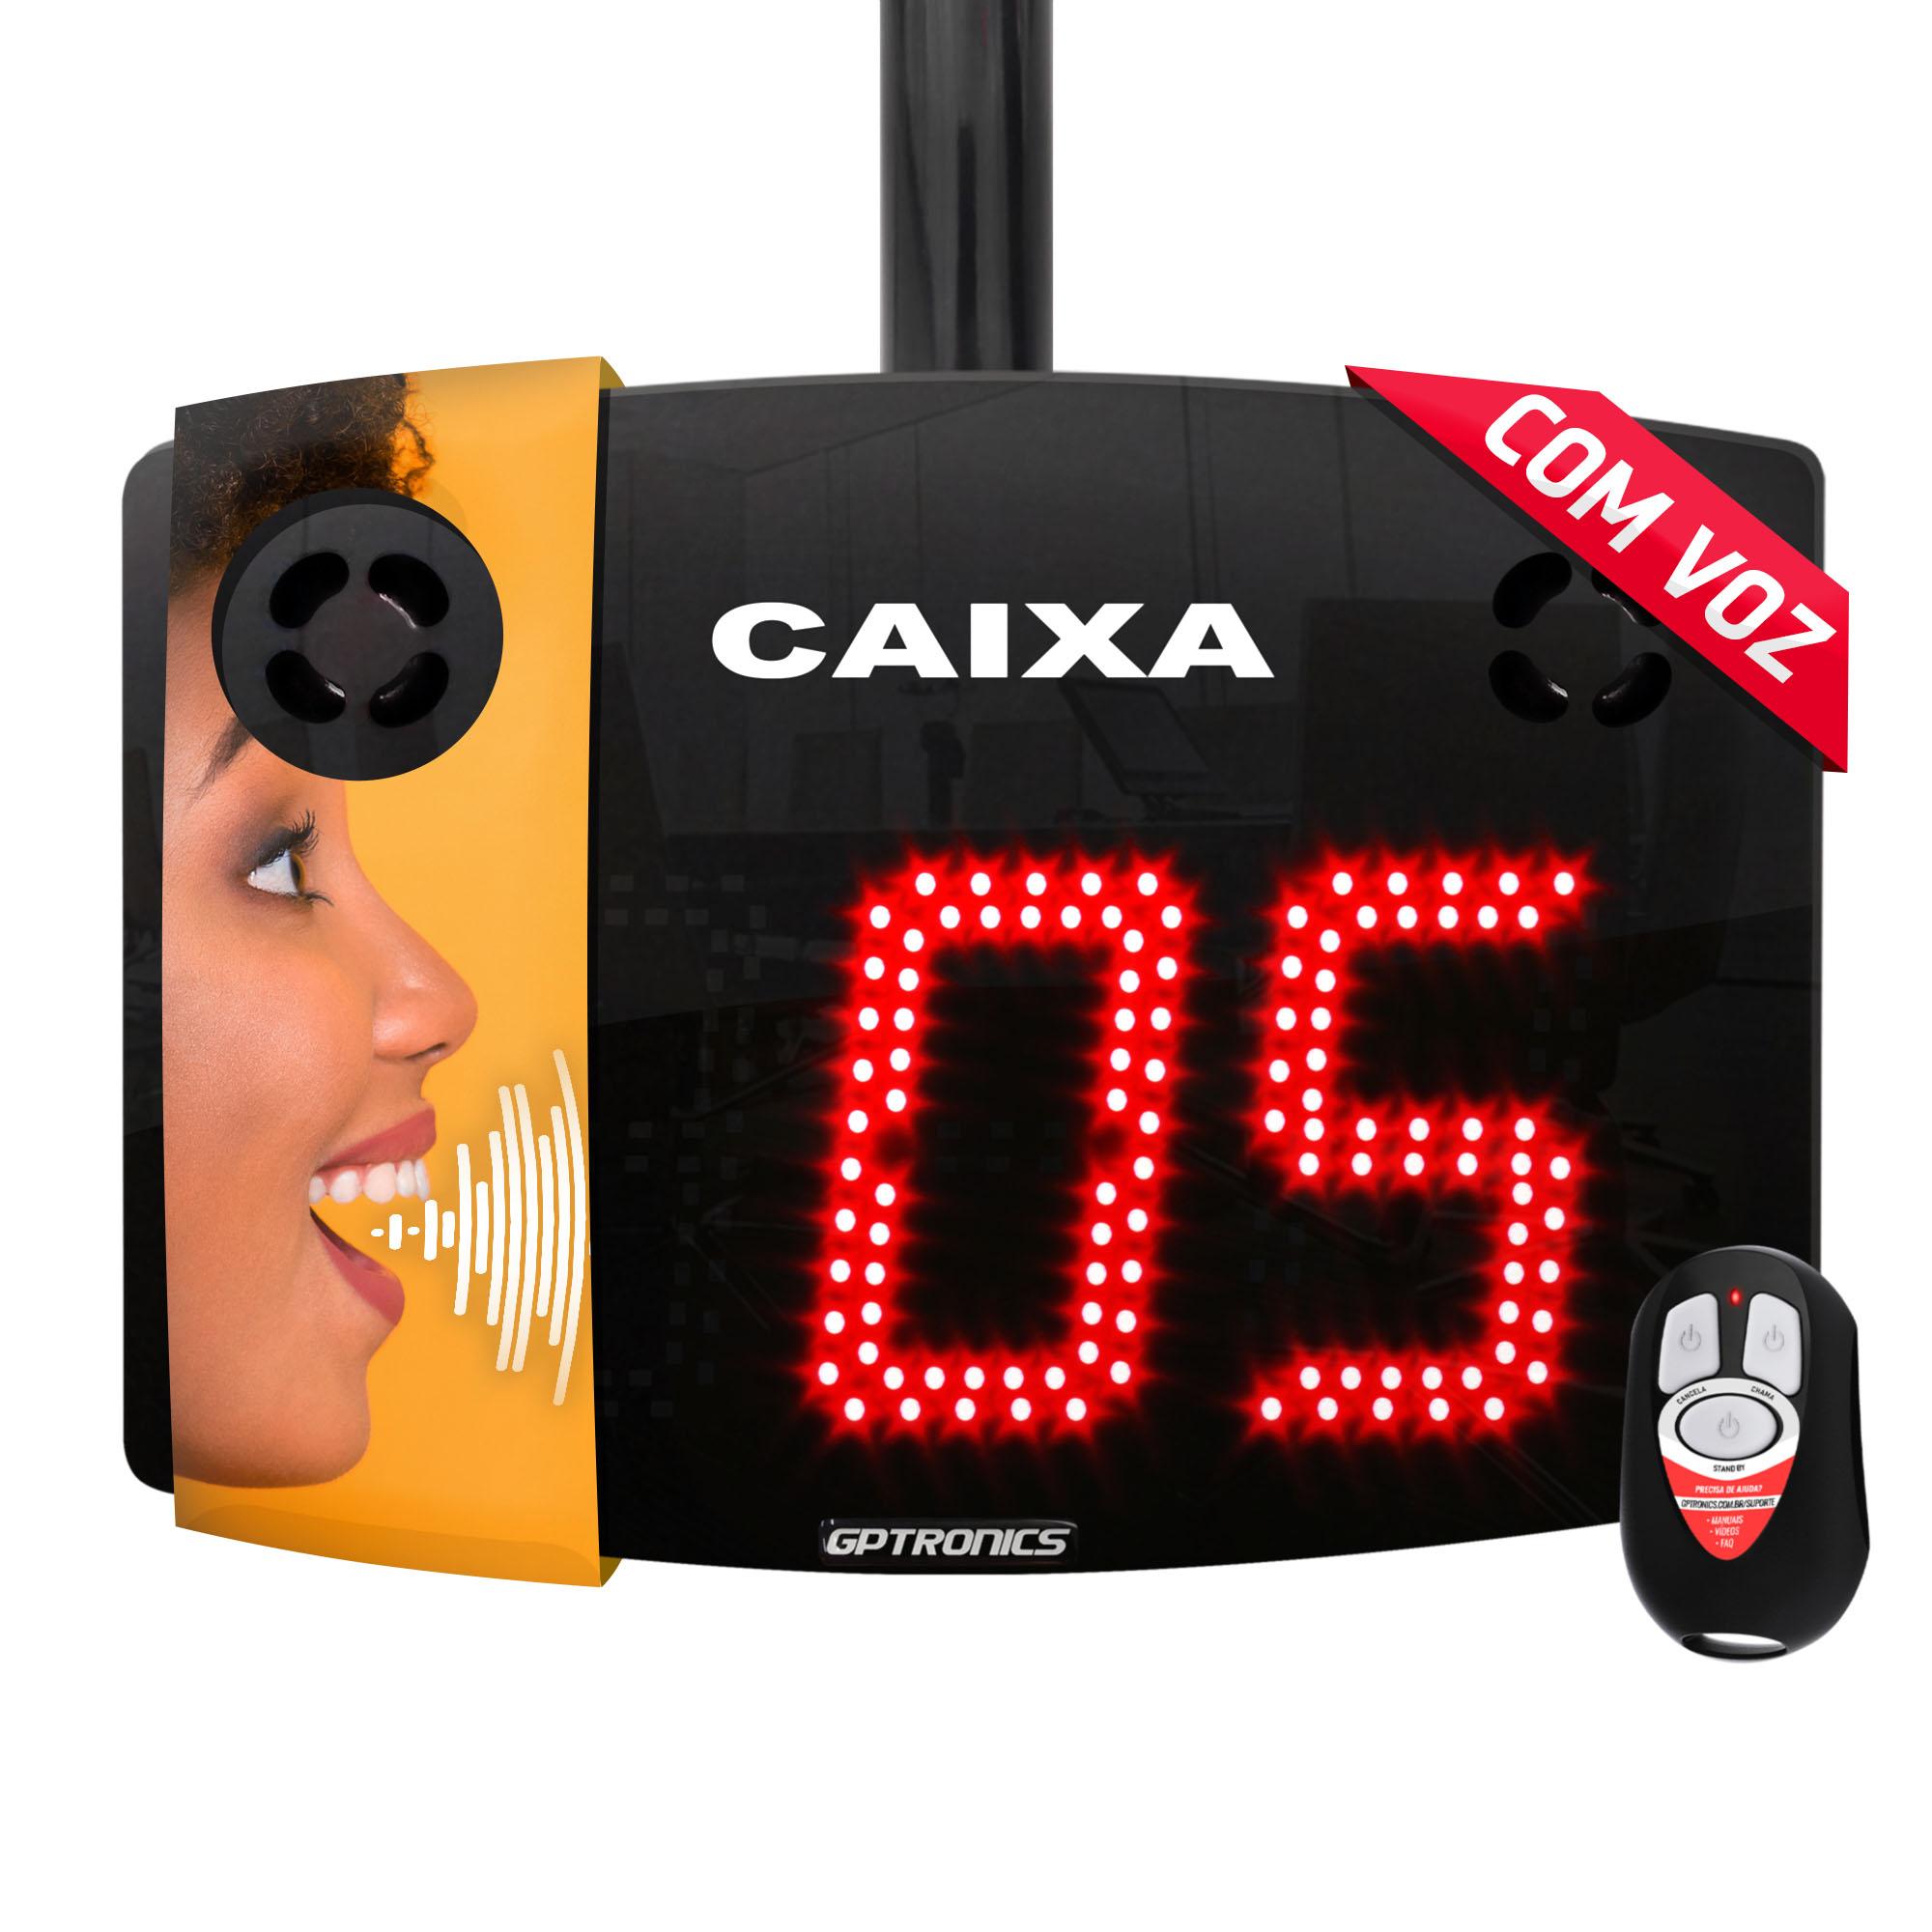 Painel Caixa com voz Agilize Vox 40 G com 2 Controles WI - 28,5x22 cm